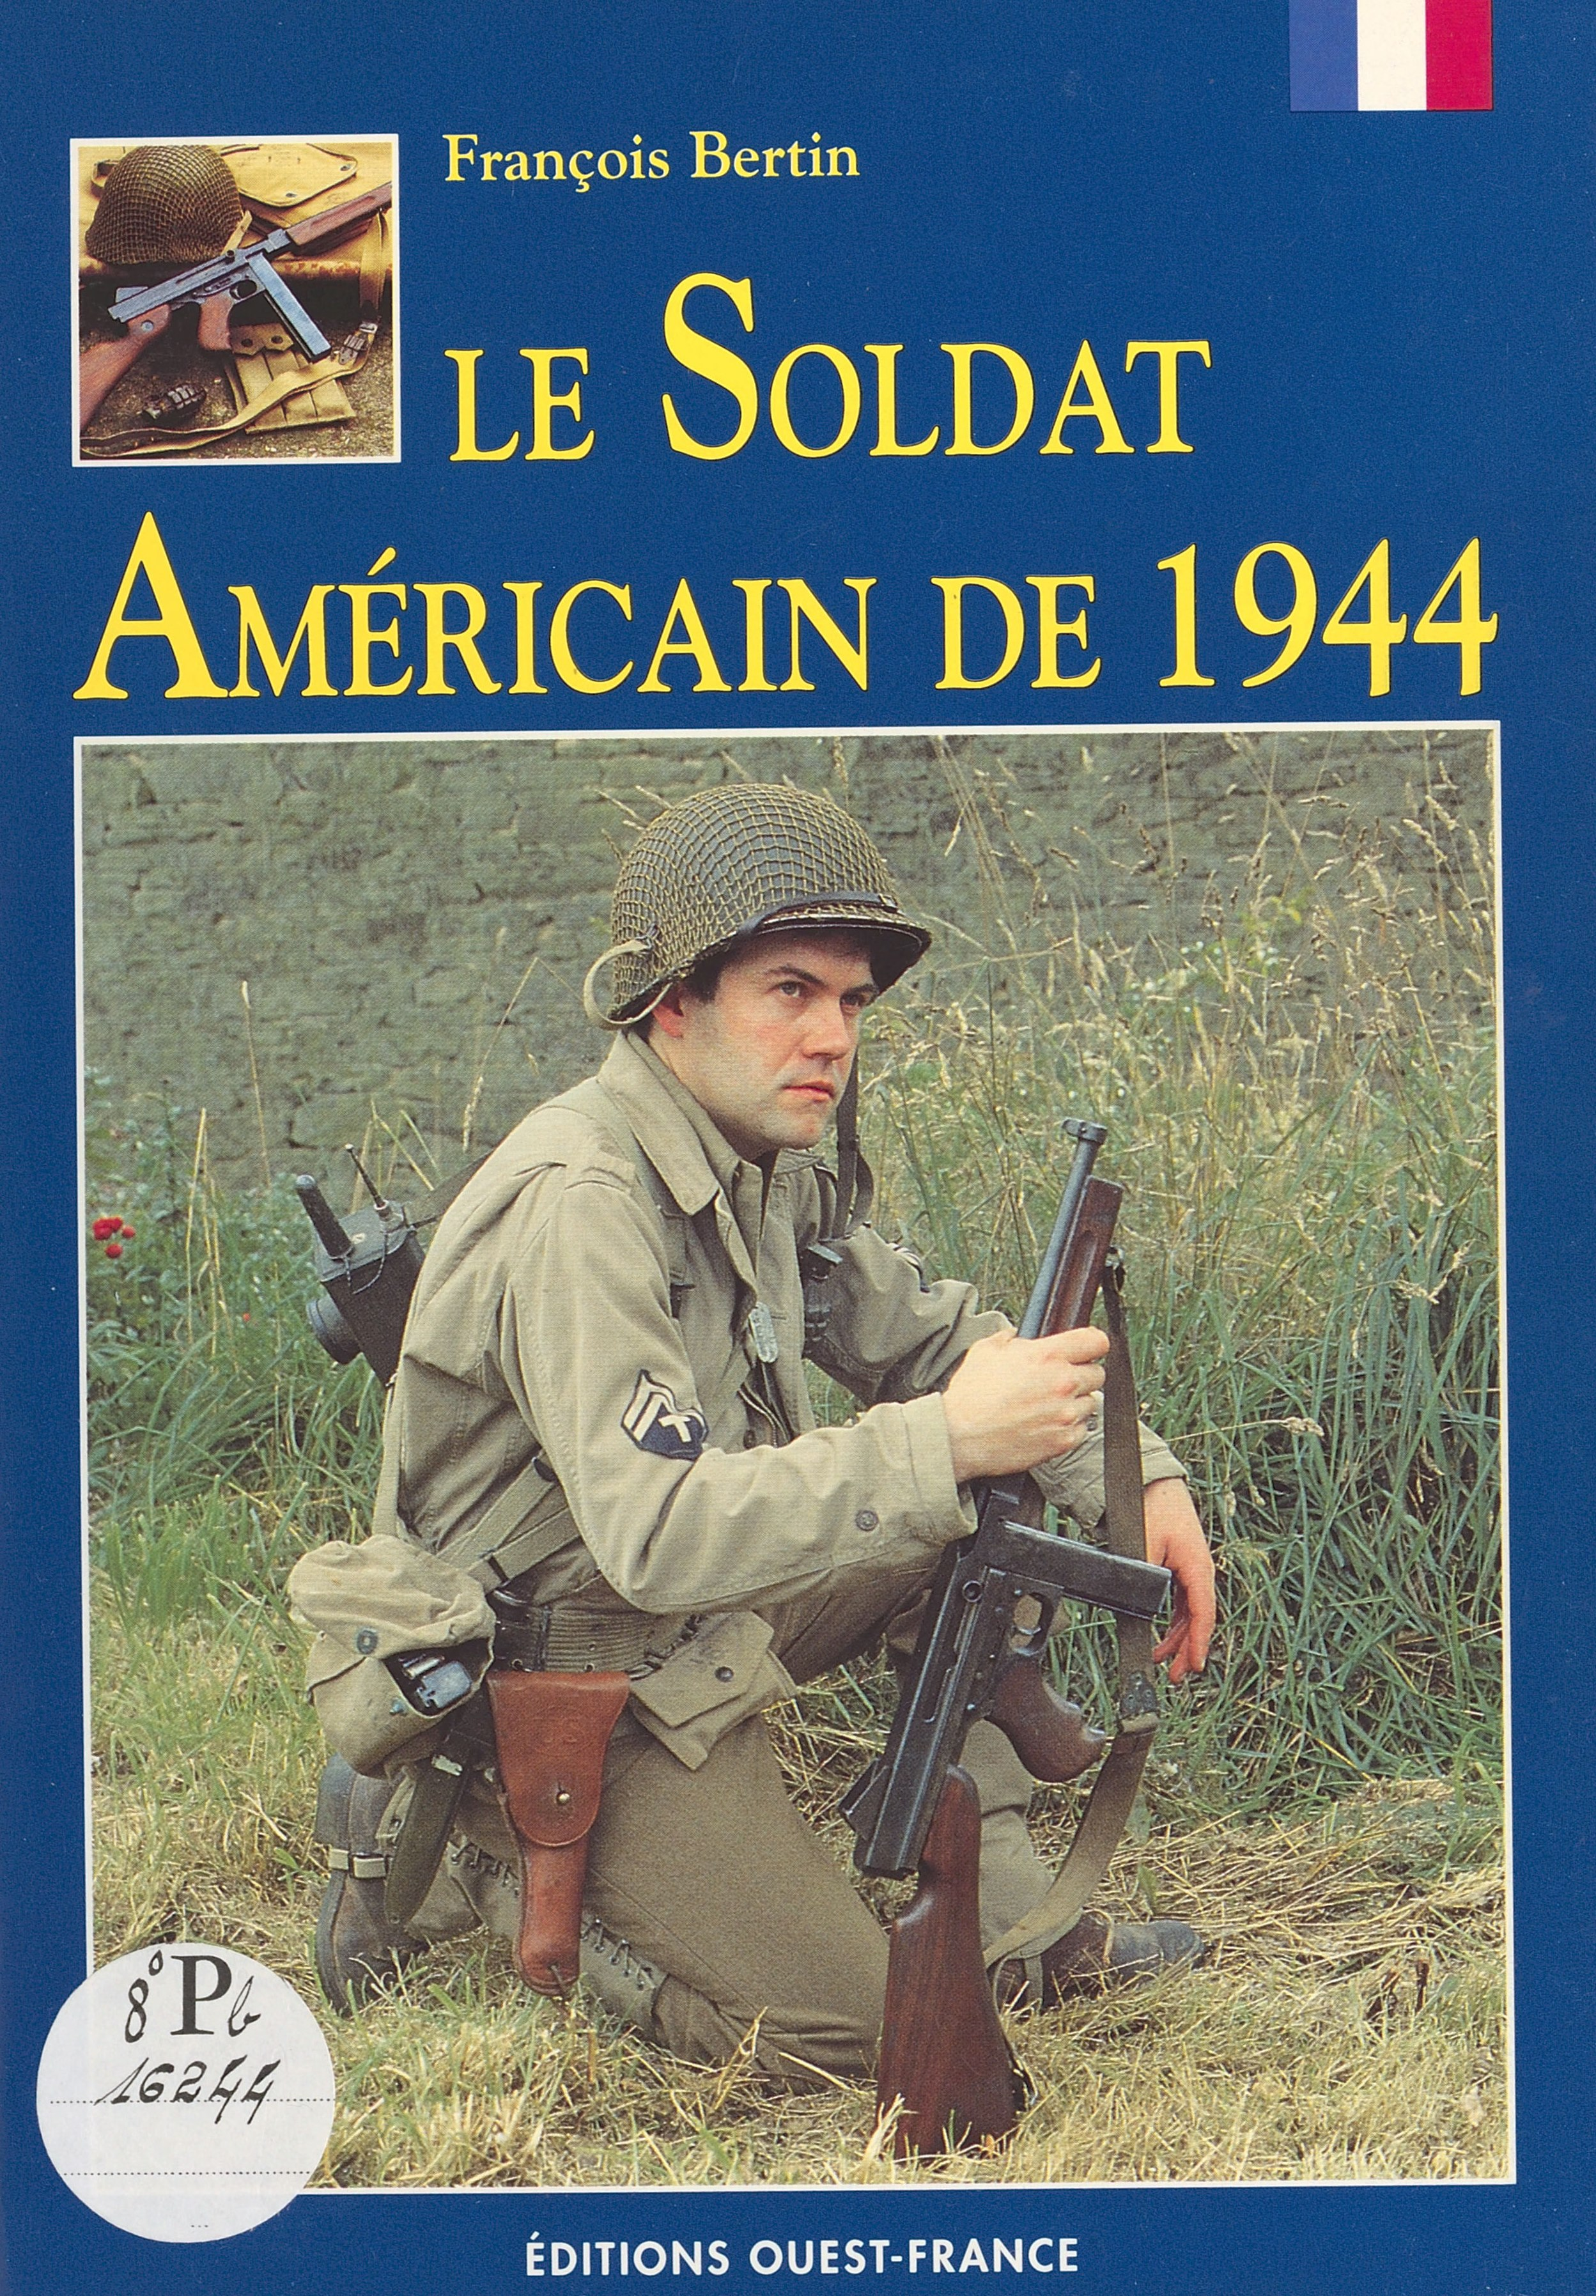 Le Soldat américain de 1944